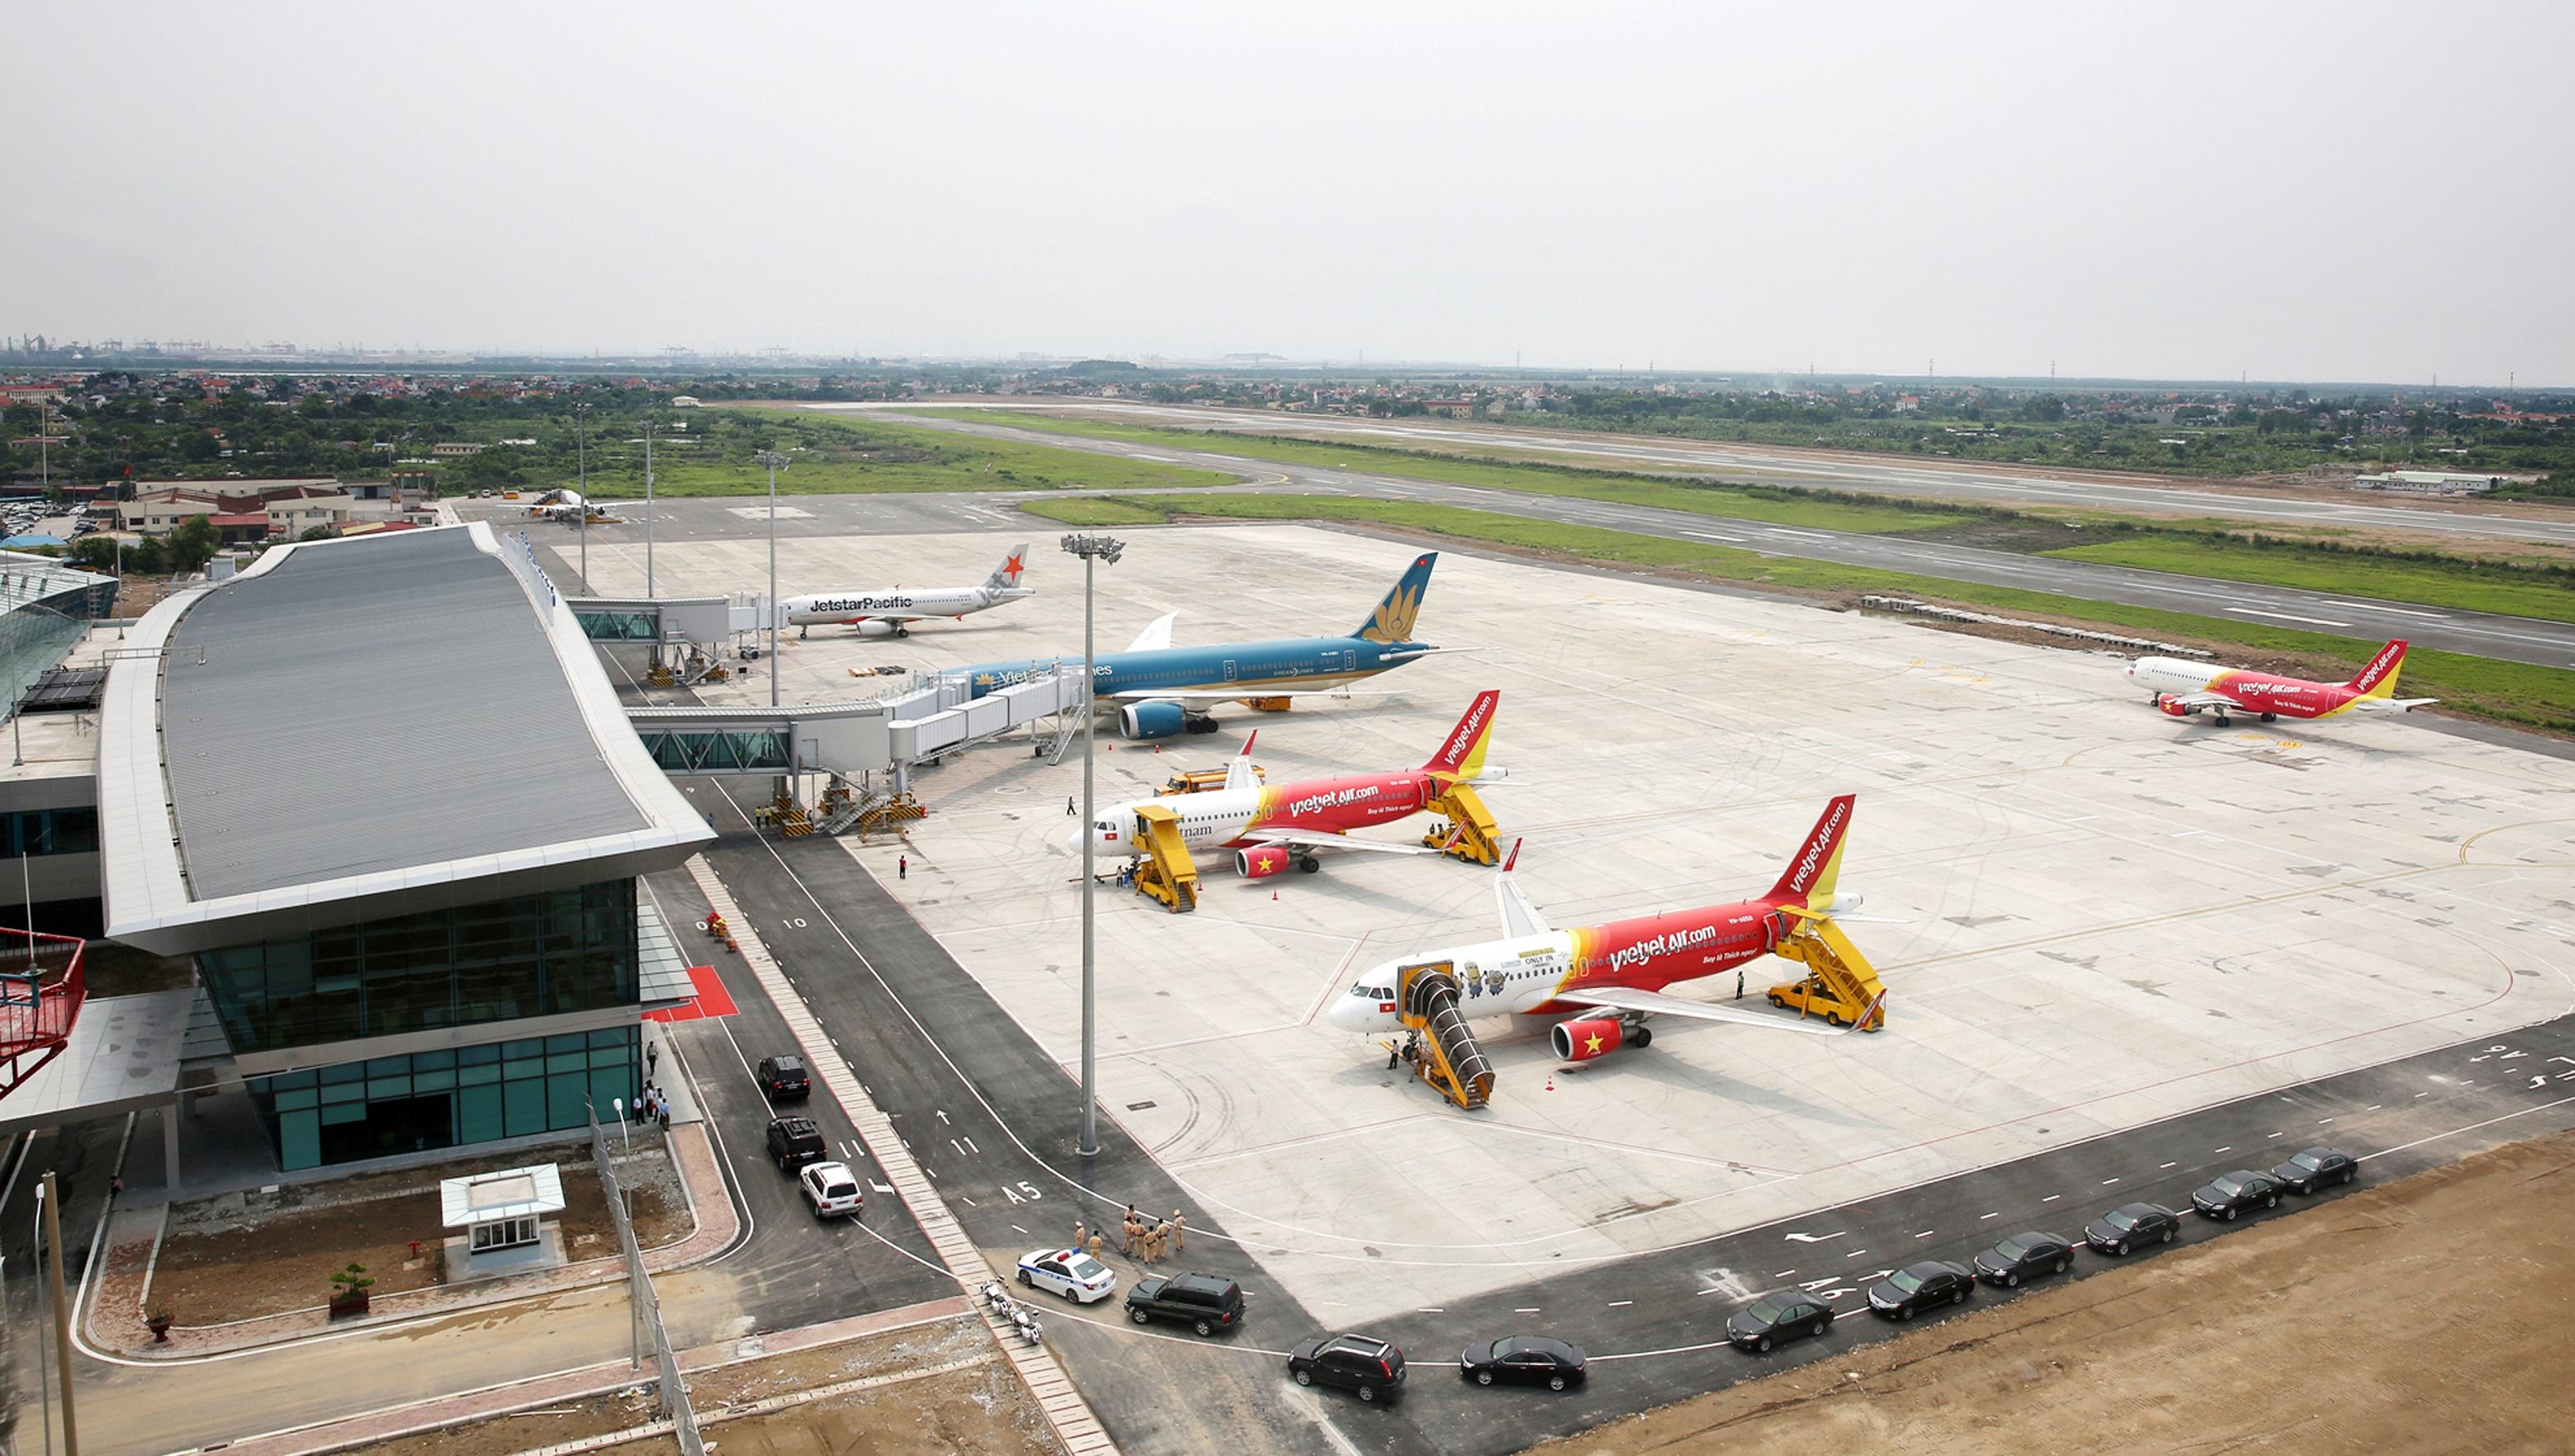 Вьетнам планирует организовать новый авиарейс по маршруту Владивосток - Хайфон с посадкой в корейском Пусане